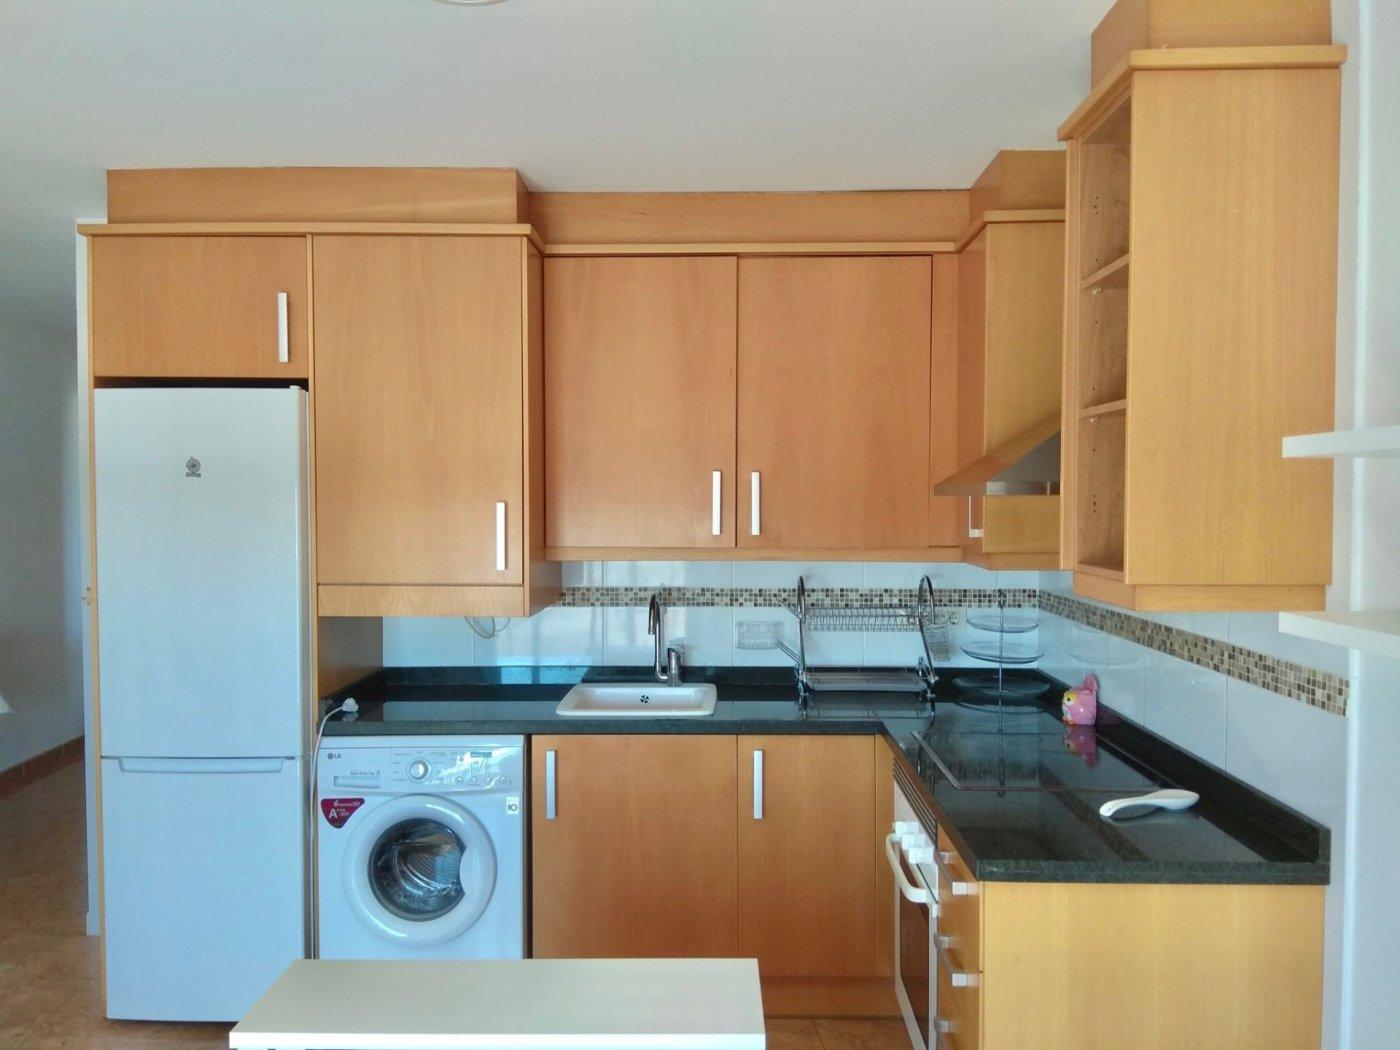 Location Appartement  Almazora - almassora ,nueve de octubre. Alquiler con opción a compra, piso seminuevo de un dormitorio, c